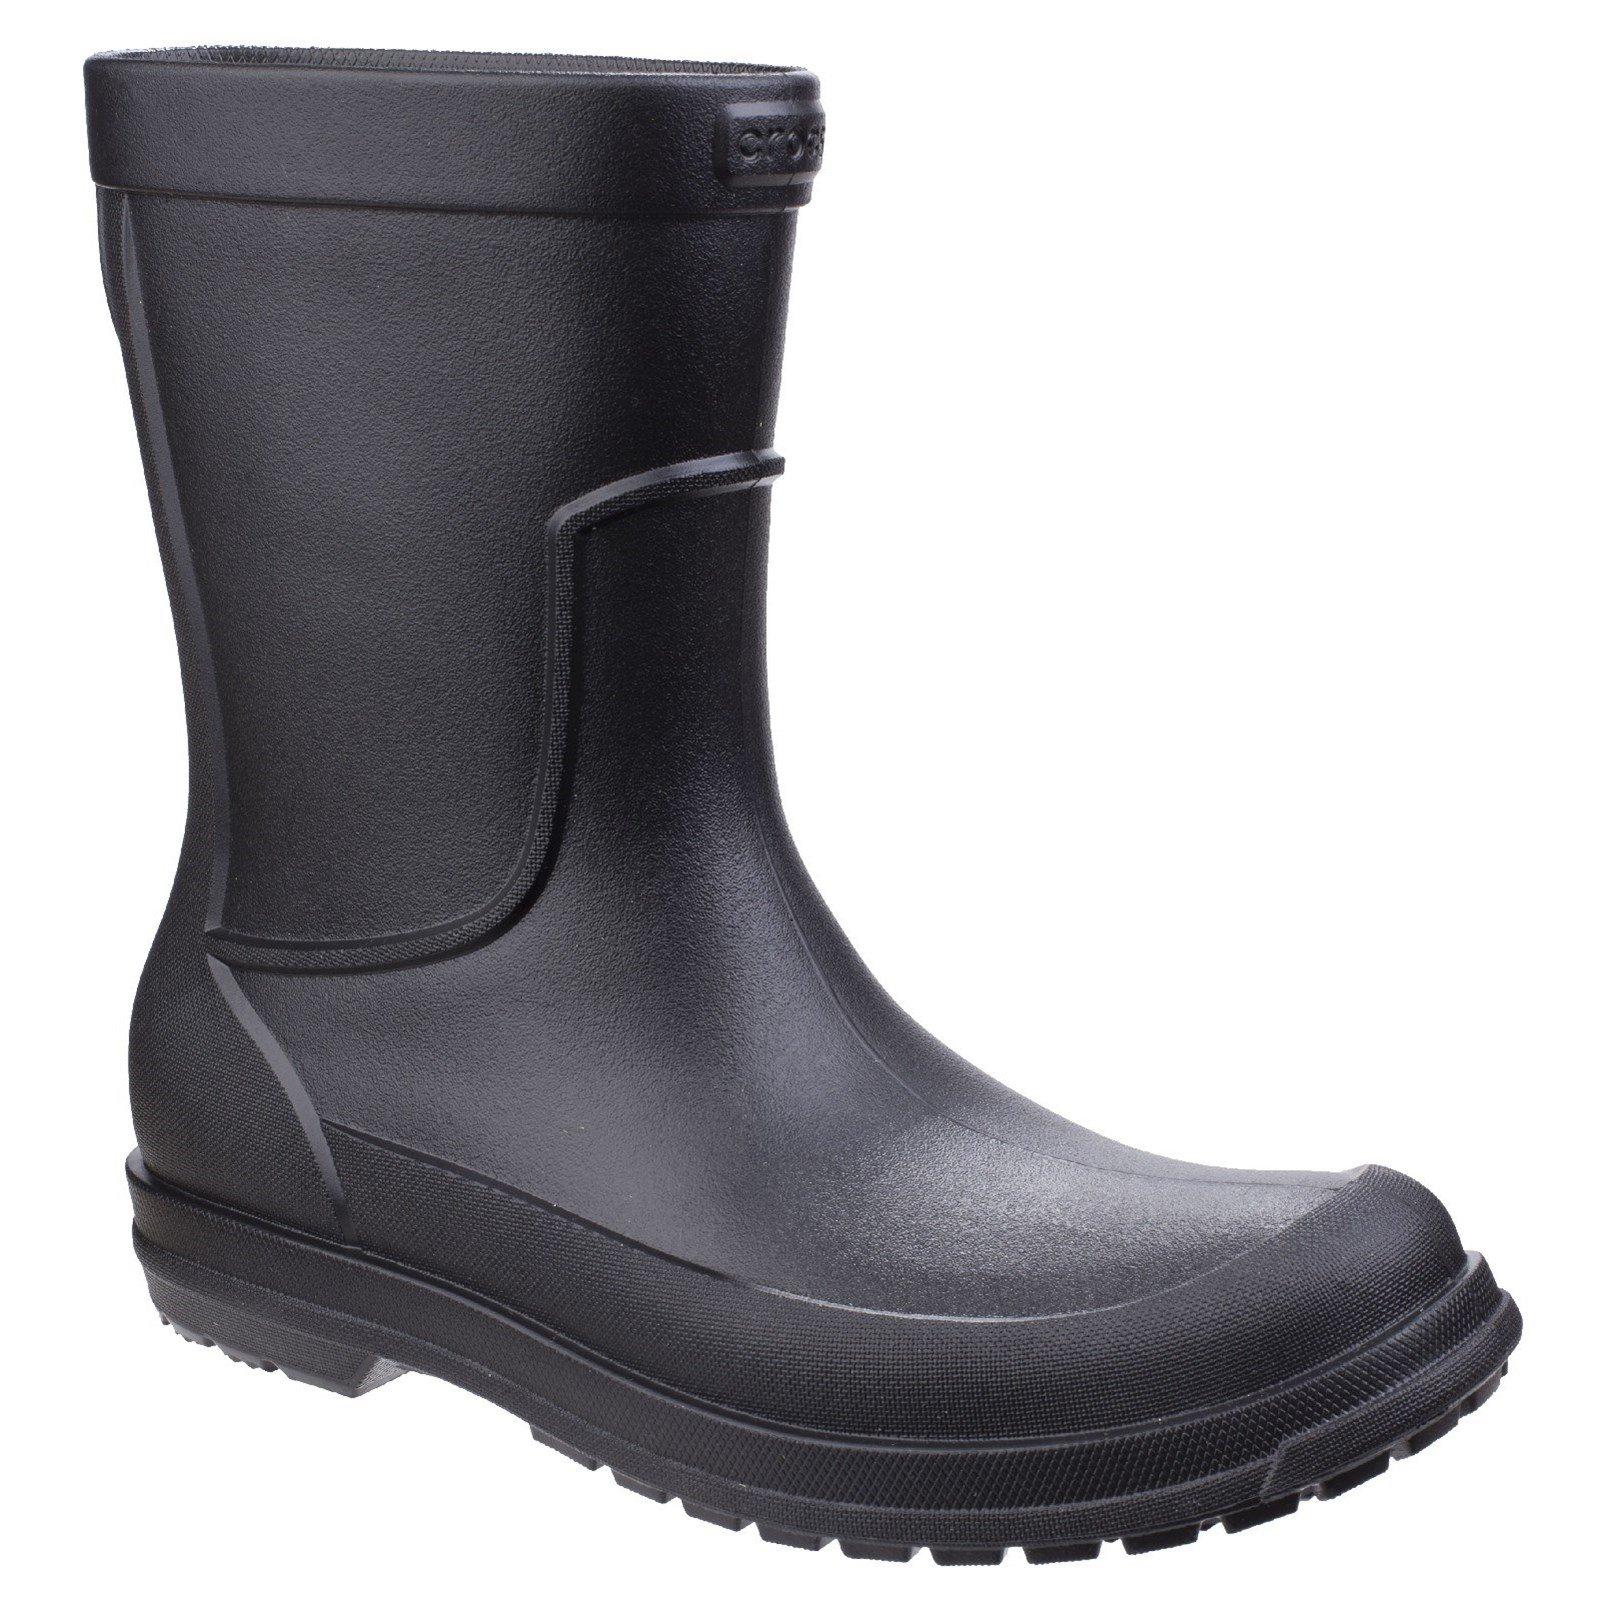 Crocs Mens AllCast Rain Boots (9 US) (Black)